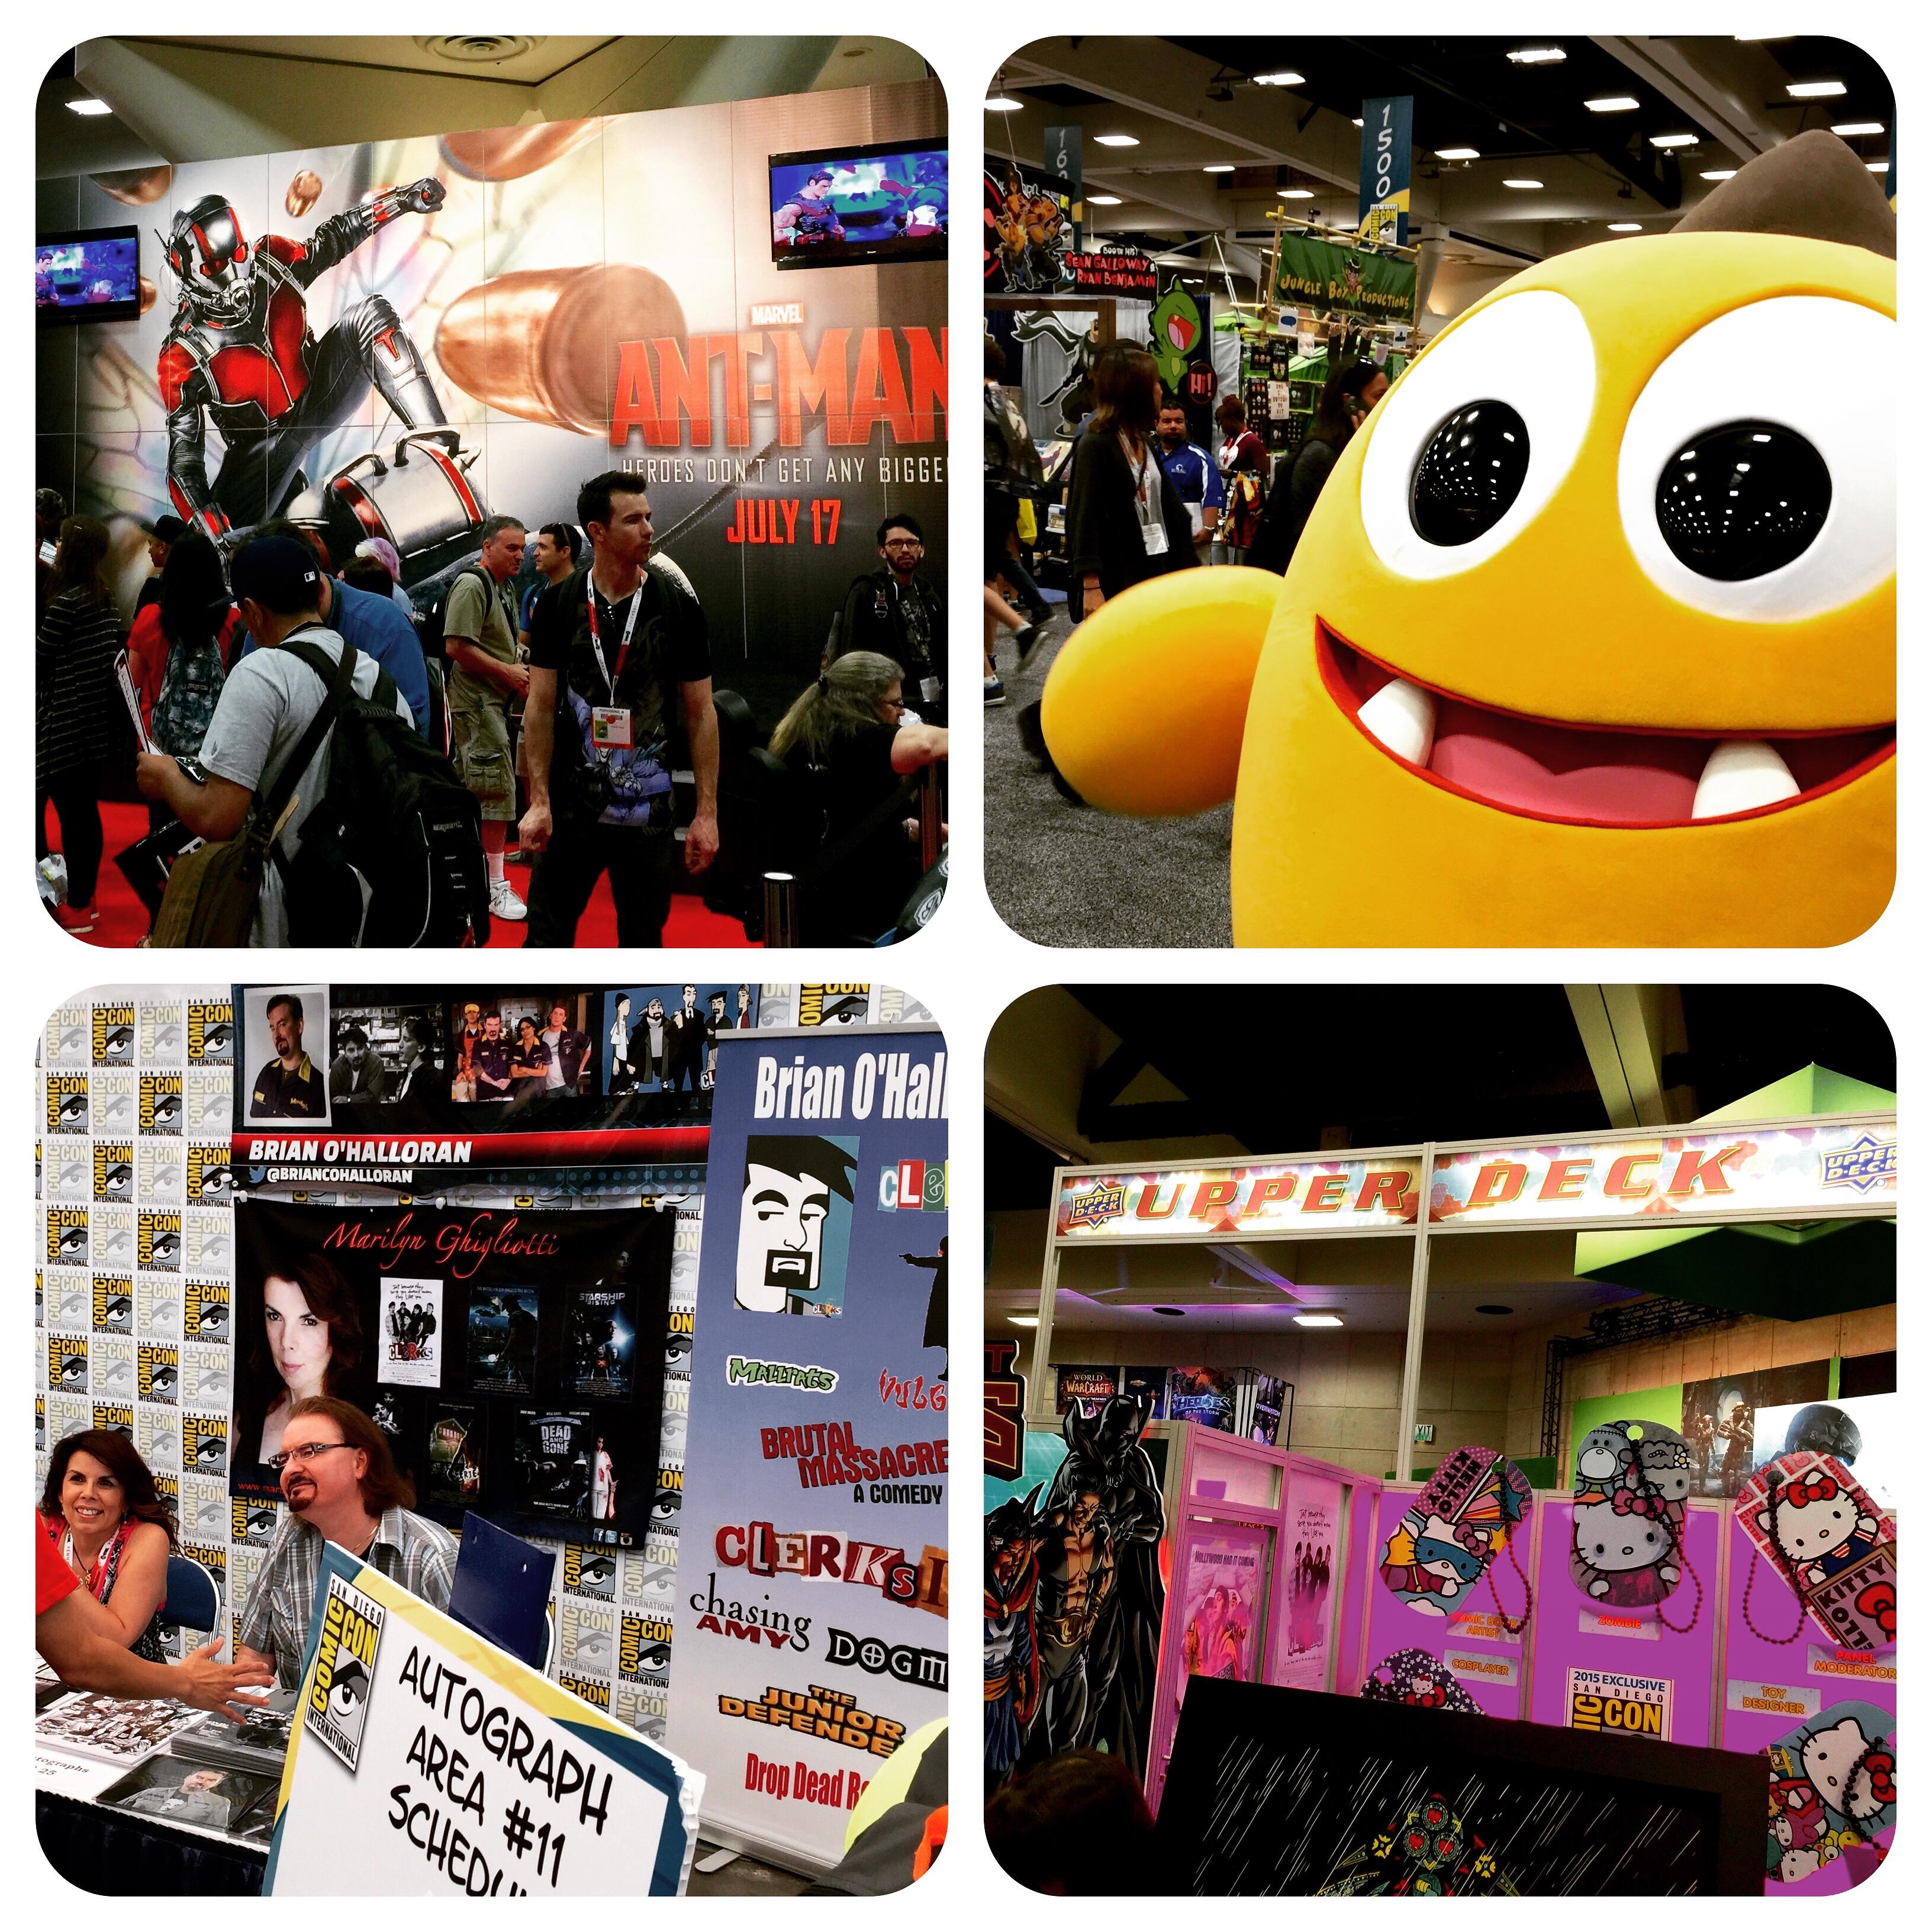 [Evento][Tópico Oficial] Comic-Con San Diego 2015 - Cobertura e itens exclusivos! - Página 4 Z82O72